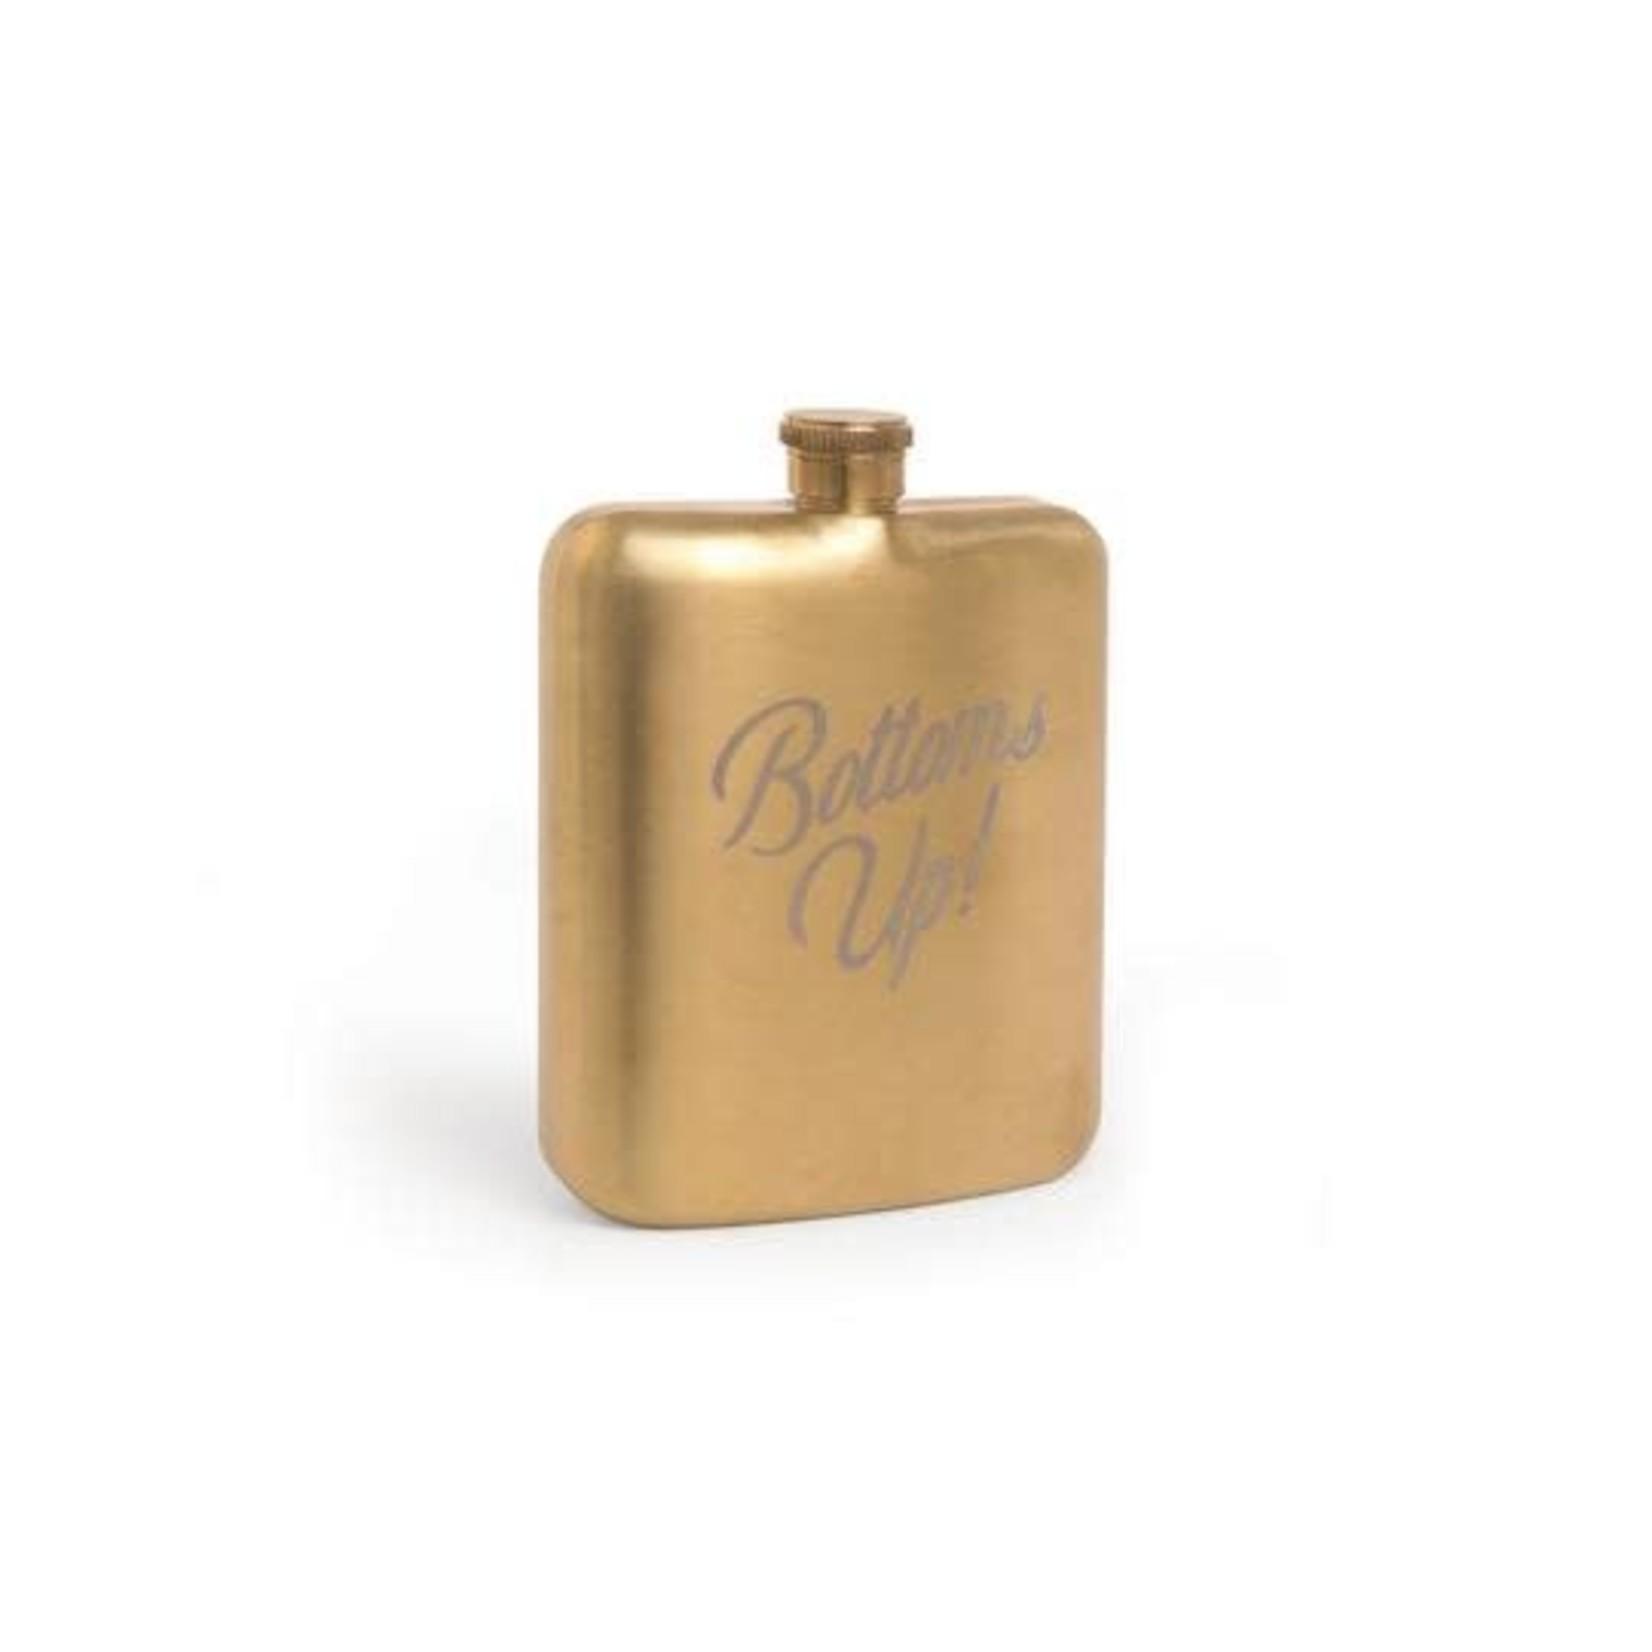 DesignWorks Gold Hip Flask